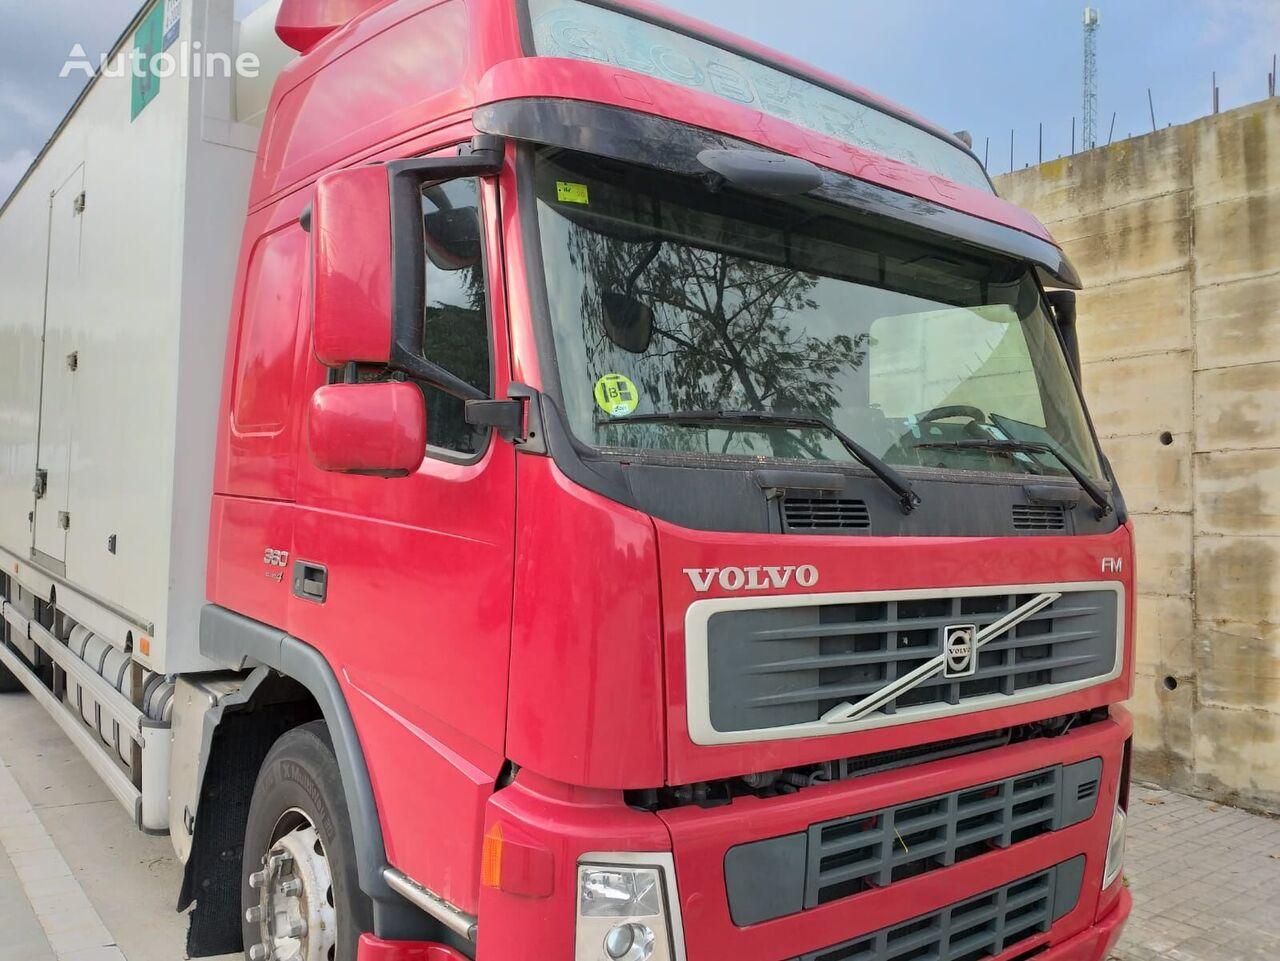 VOLVO FM 42 B3 360 camión frigorífico